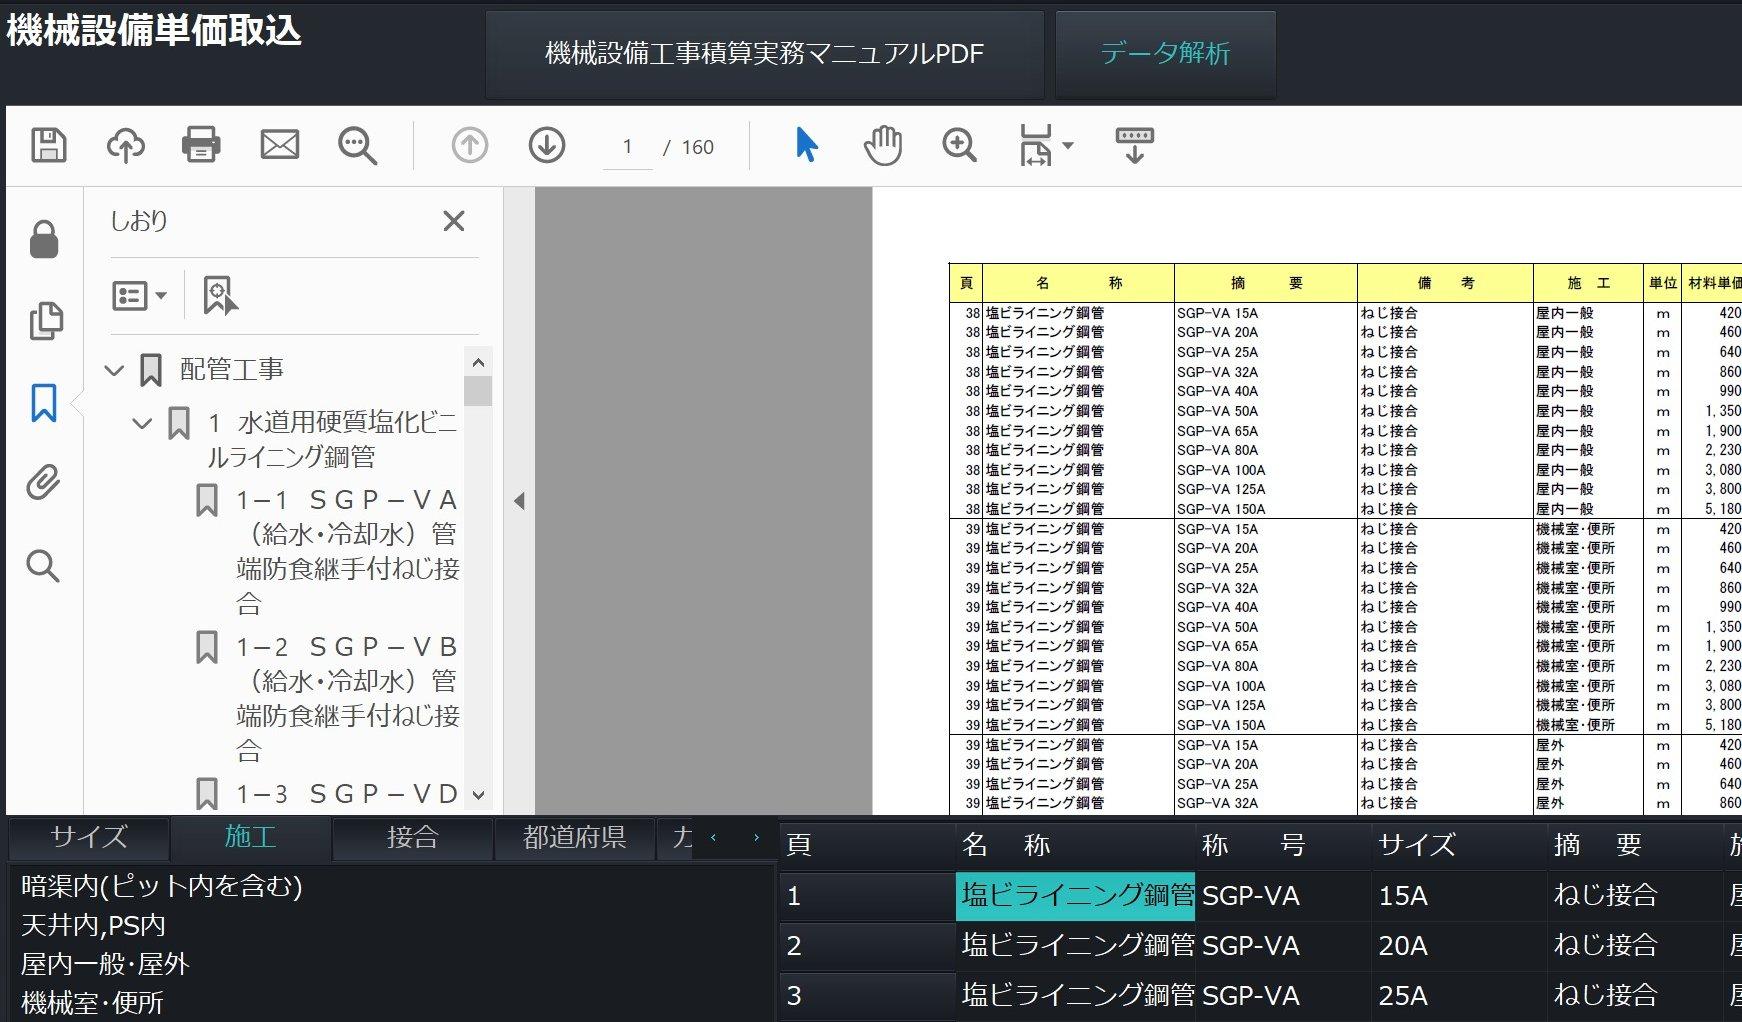 機械設備工事積算実務マニュアル単価PDFの取込に対応